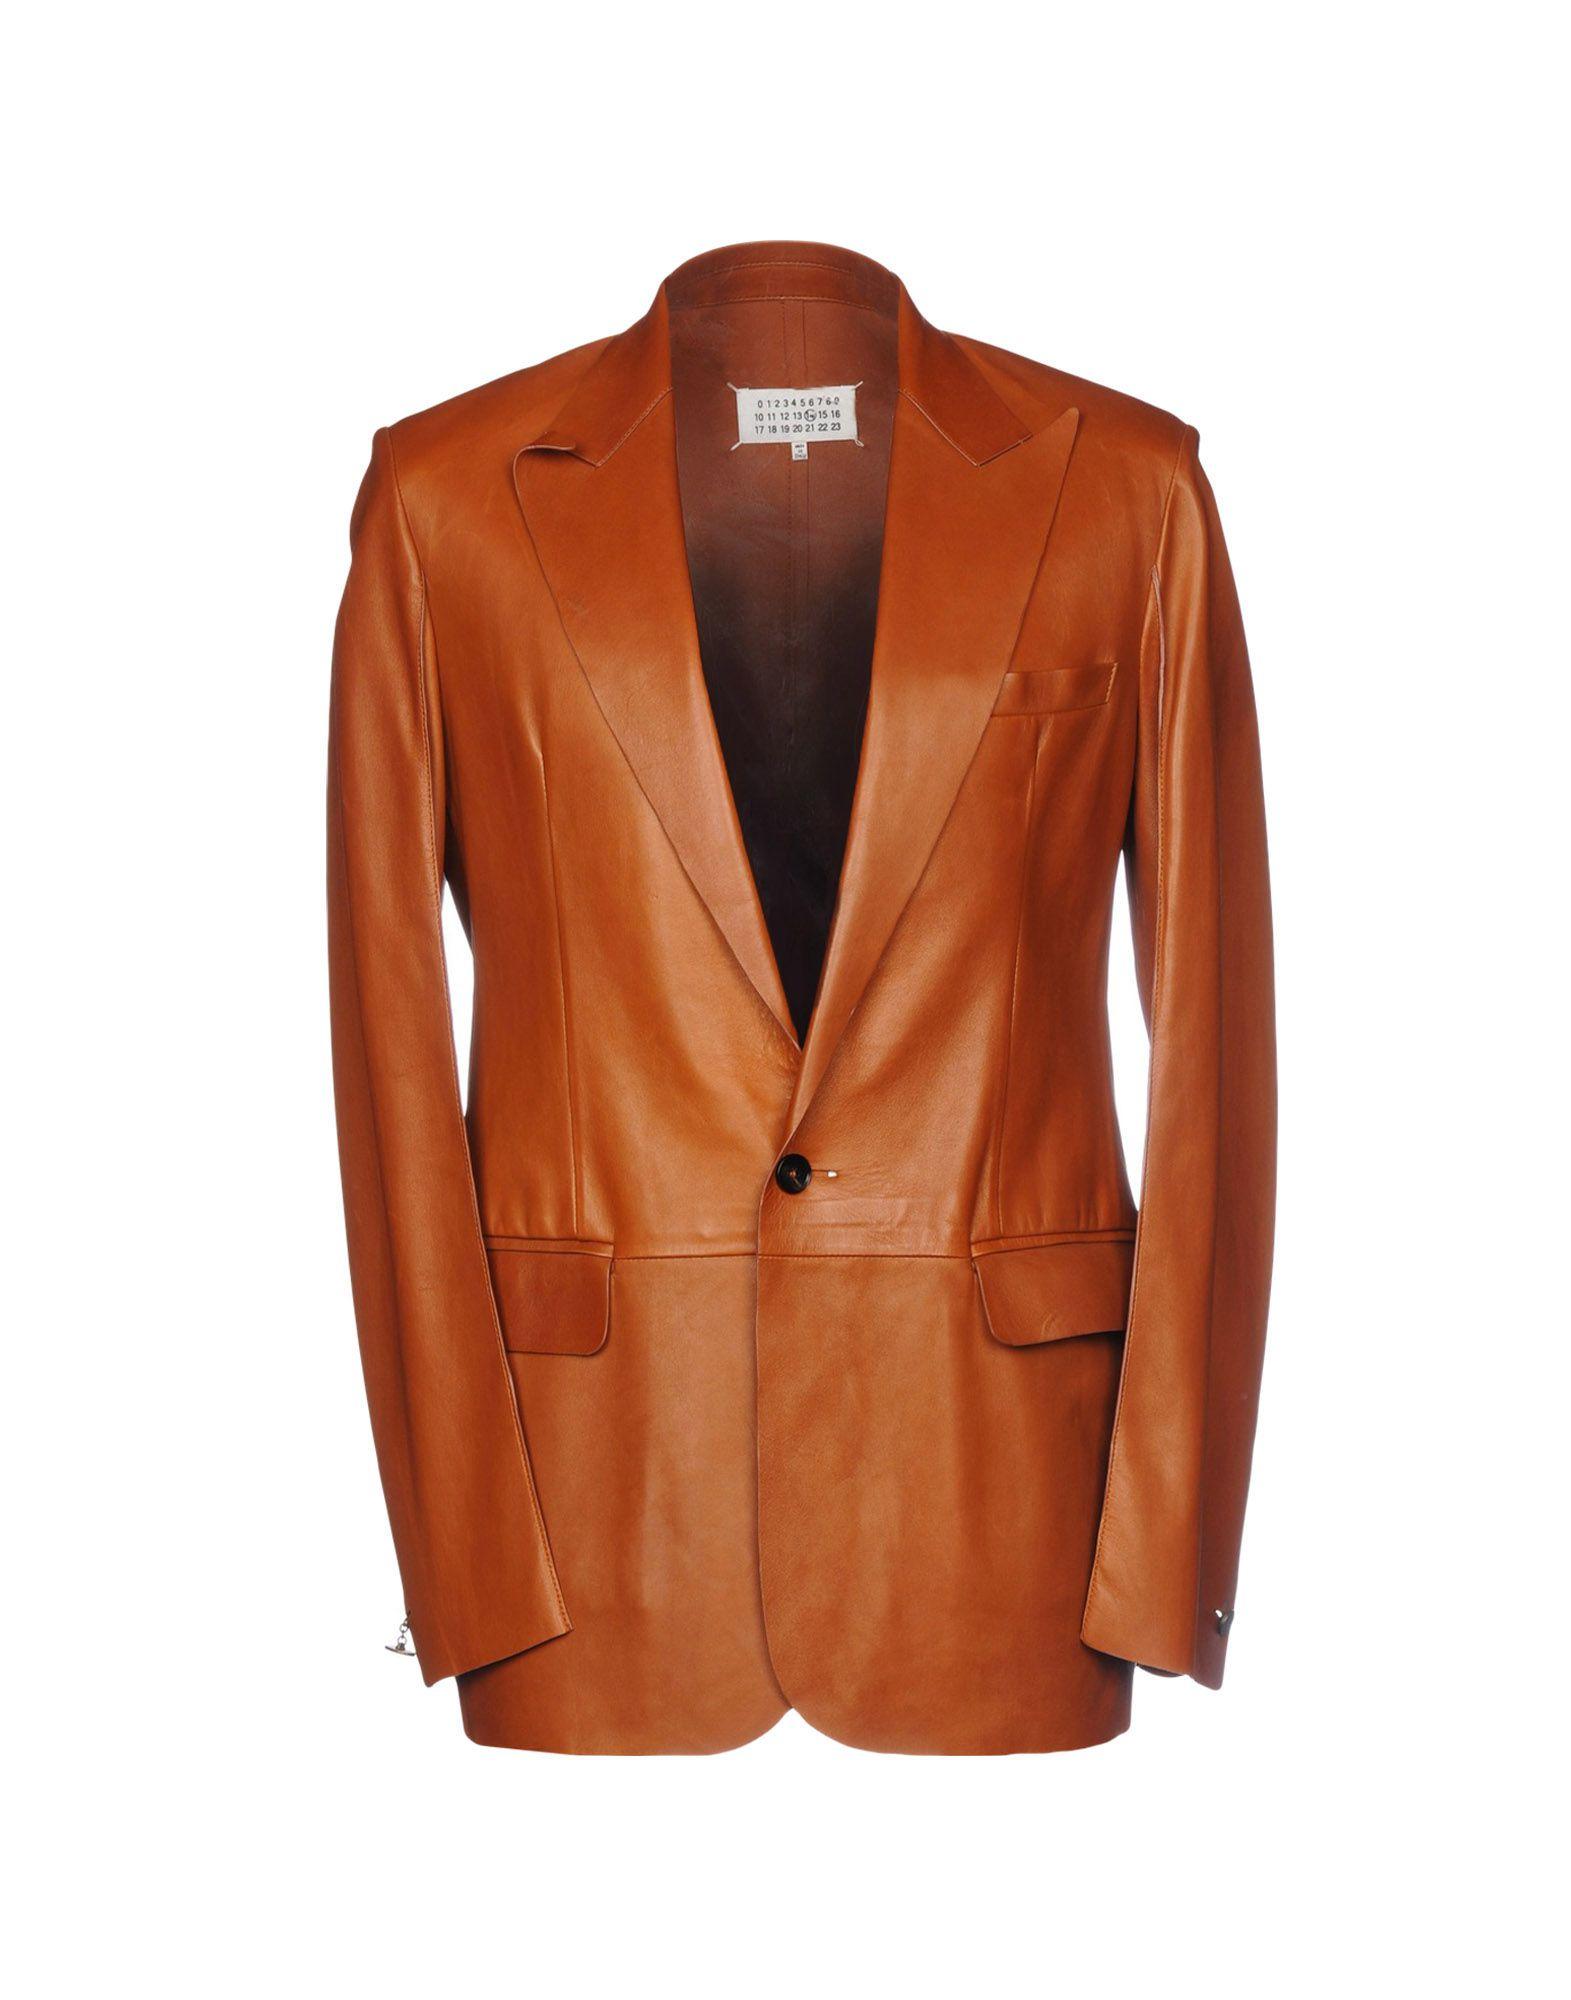 《送料無料》MAISON MARGIELA メンズ テーラードジャケット ブラウン 48 100% 羊類革